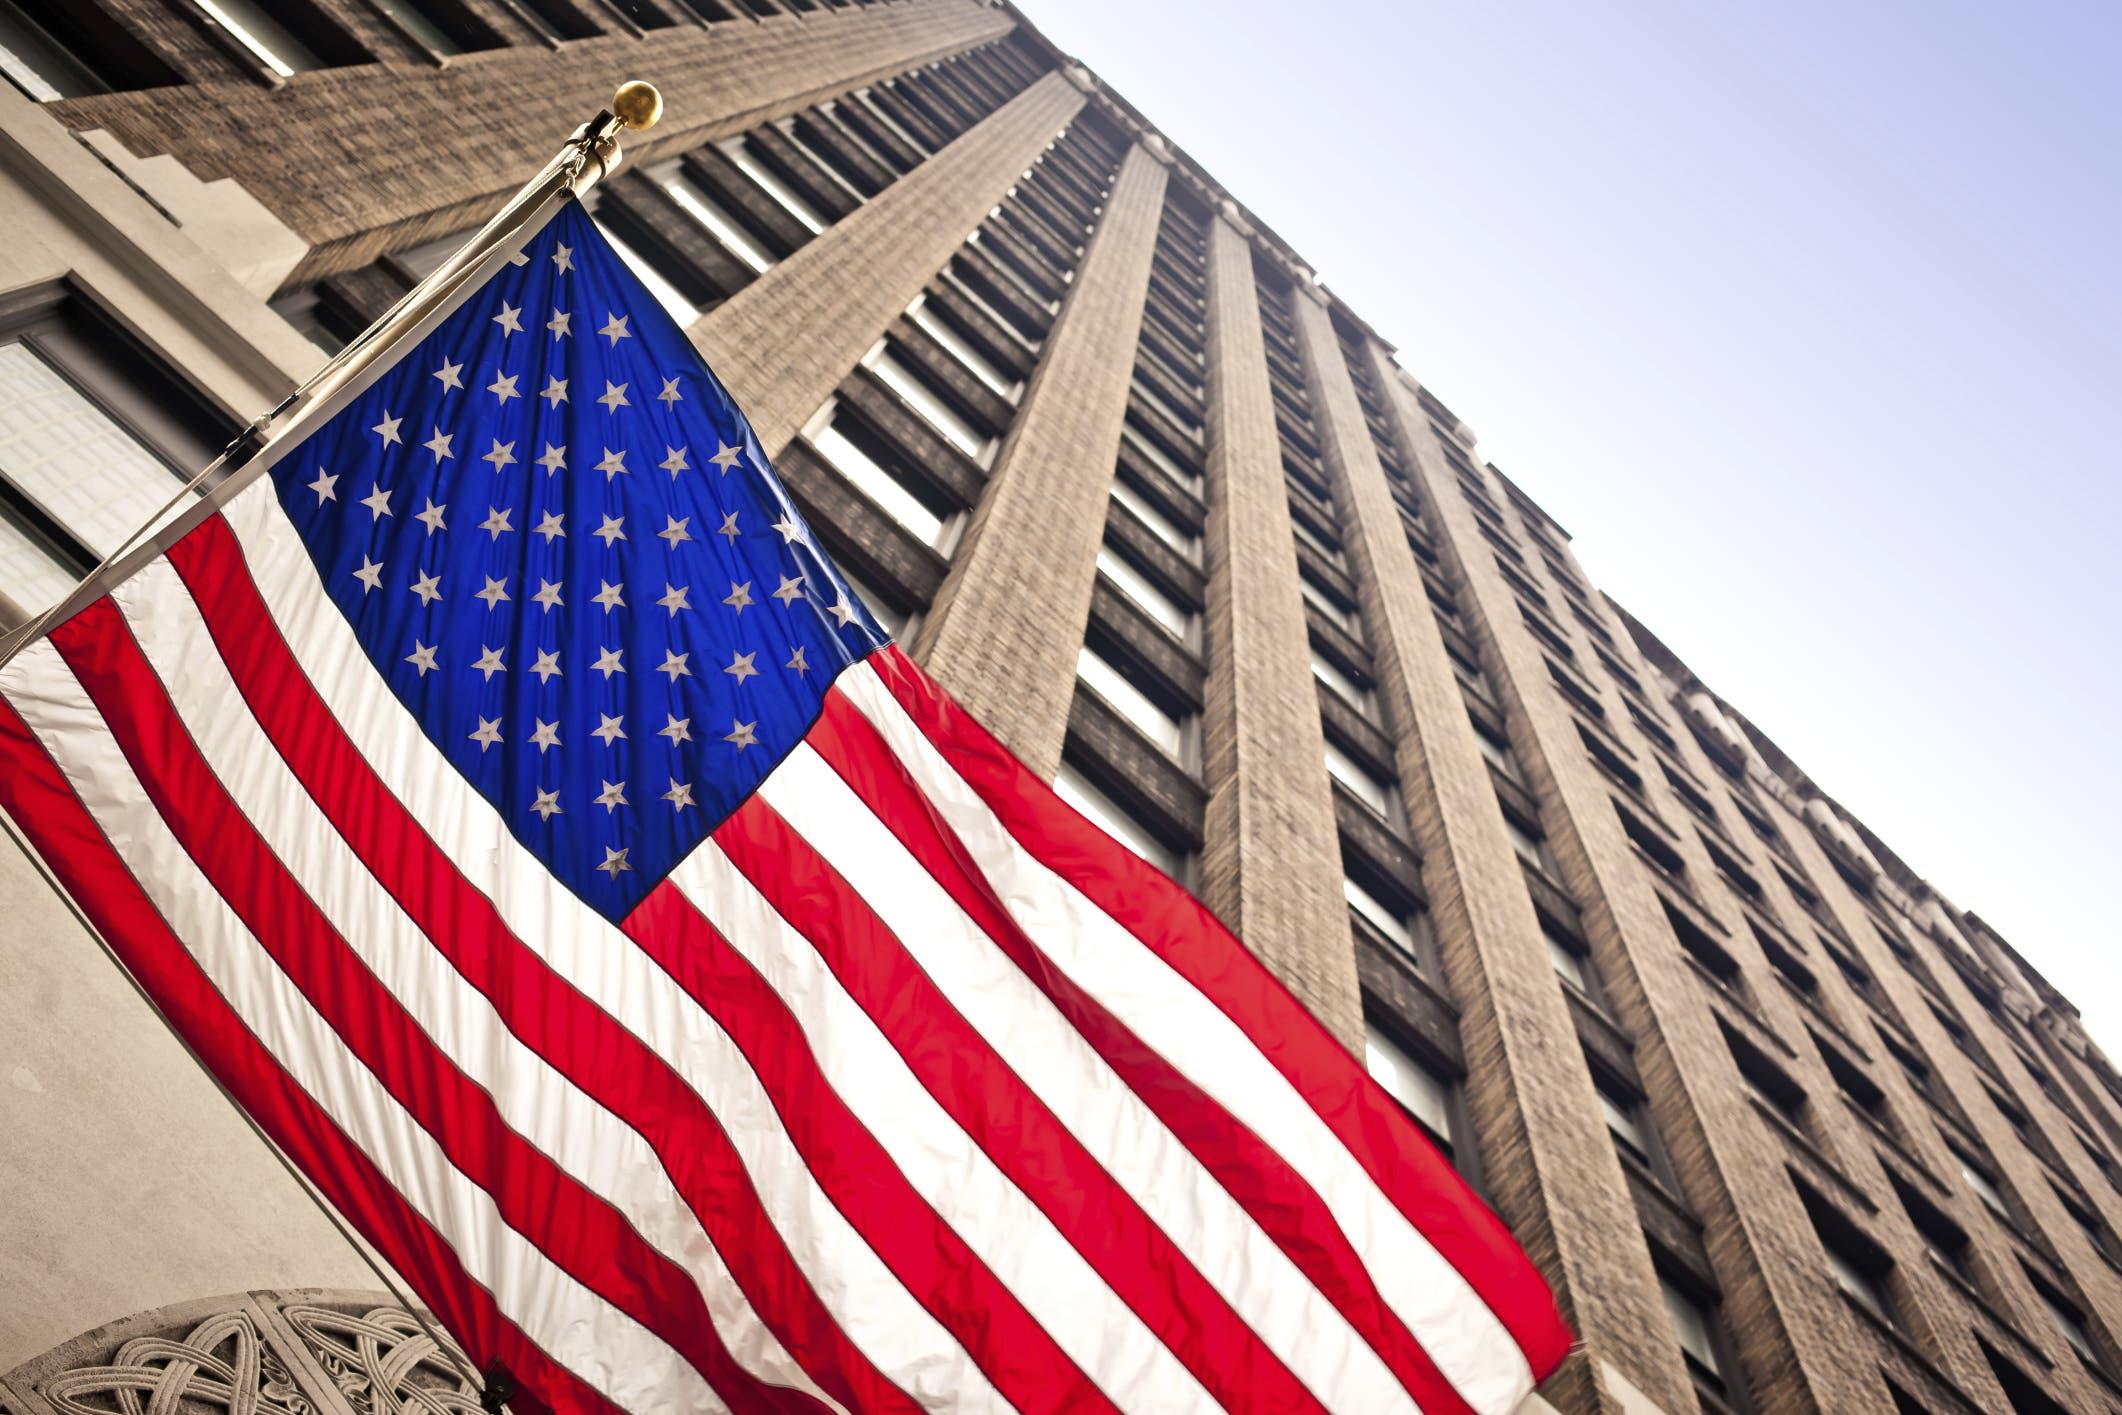 على مدى ثلاثة أشهر ونصف فقط طبع الاحتياطي الفيدرالي وضخ 3 تريليونات دولار في الاقتصاد